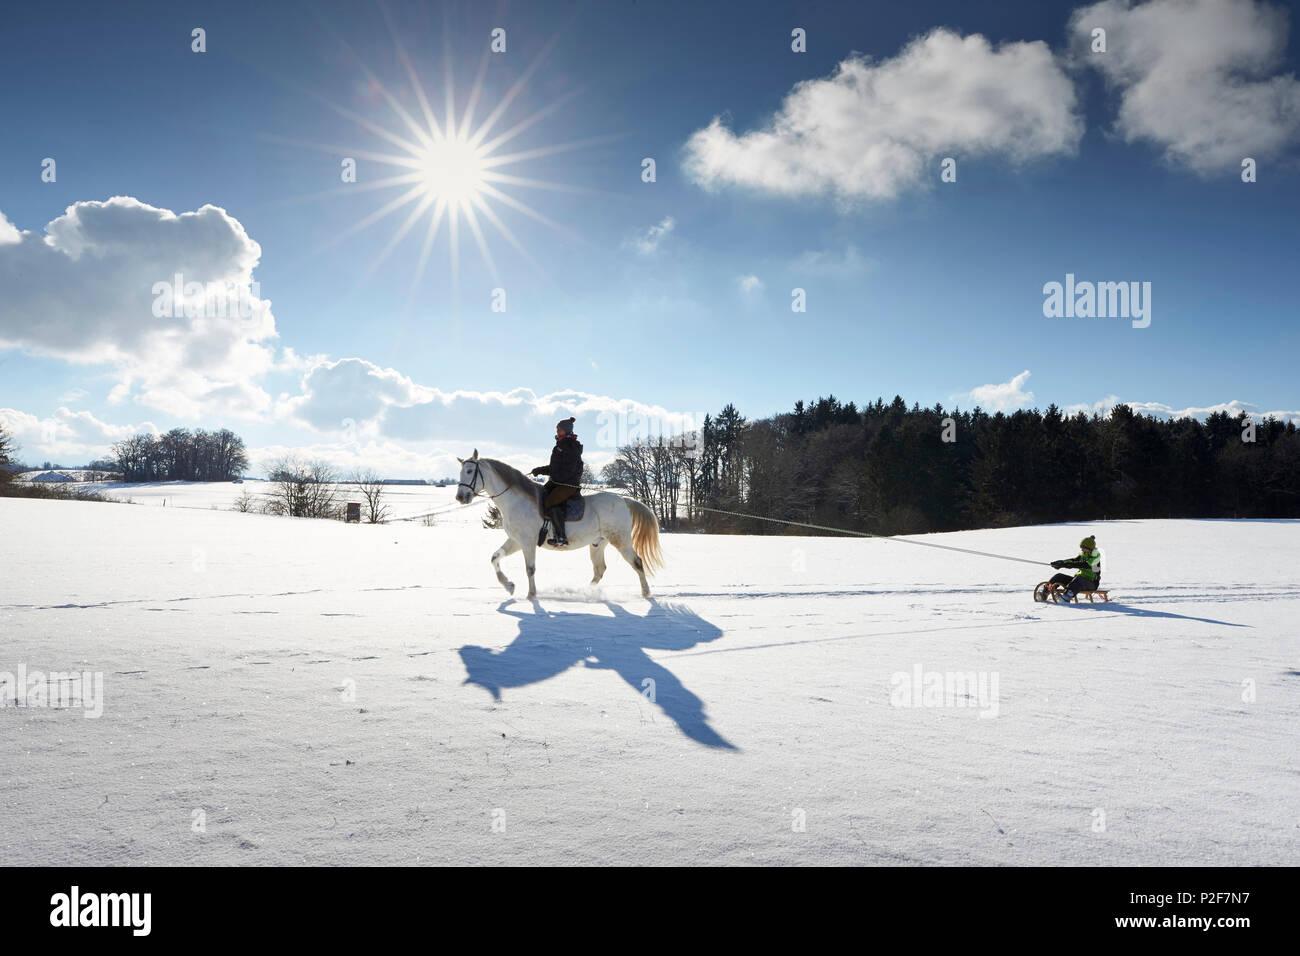 Madre sul cavallo tirando i bambini sulla slitta, Buchensee, Muensing, Baviera Germania Immagini Stock